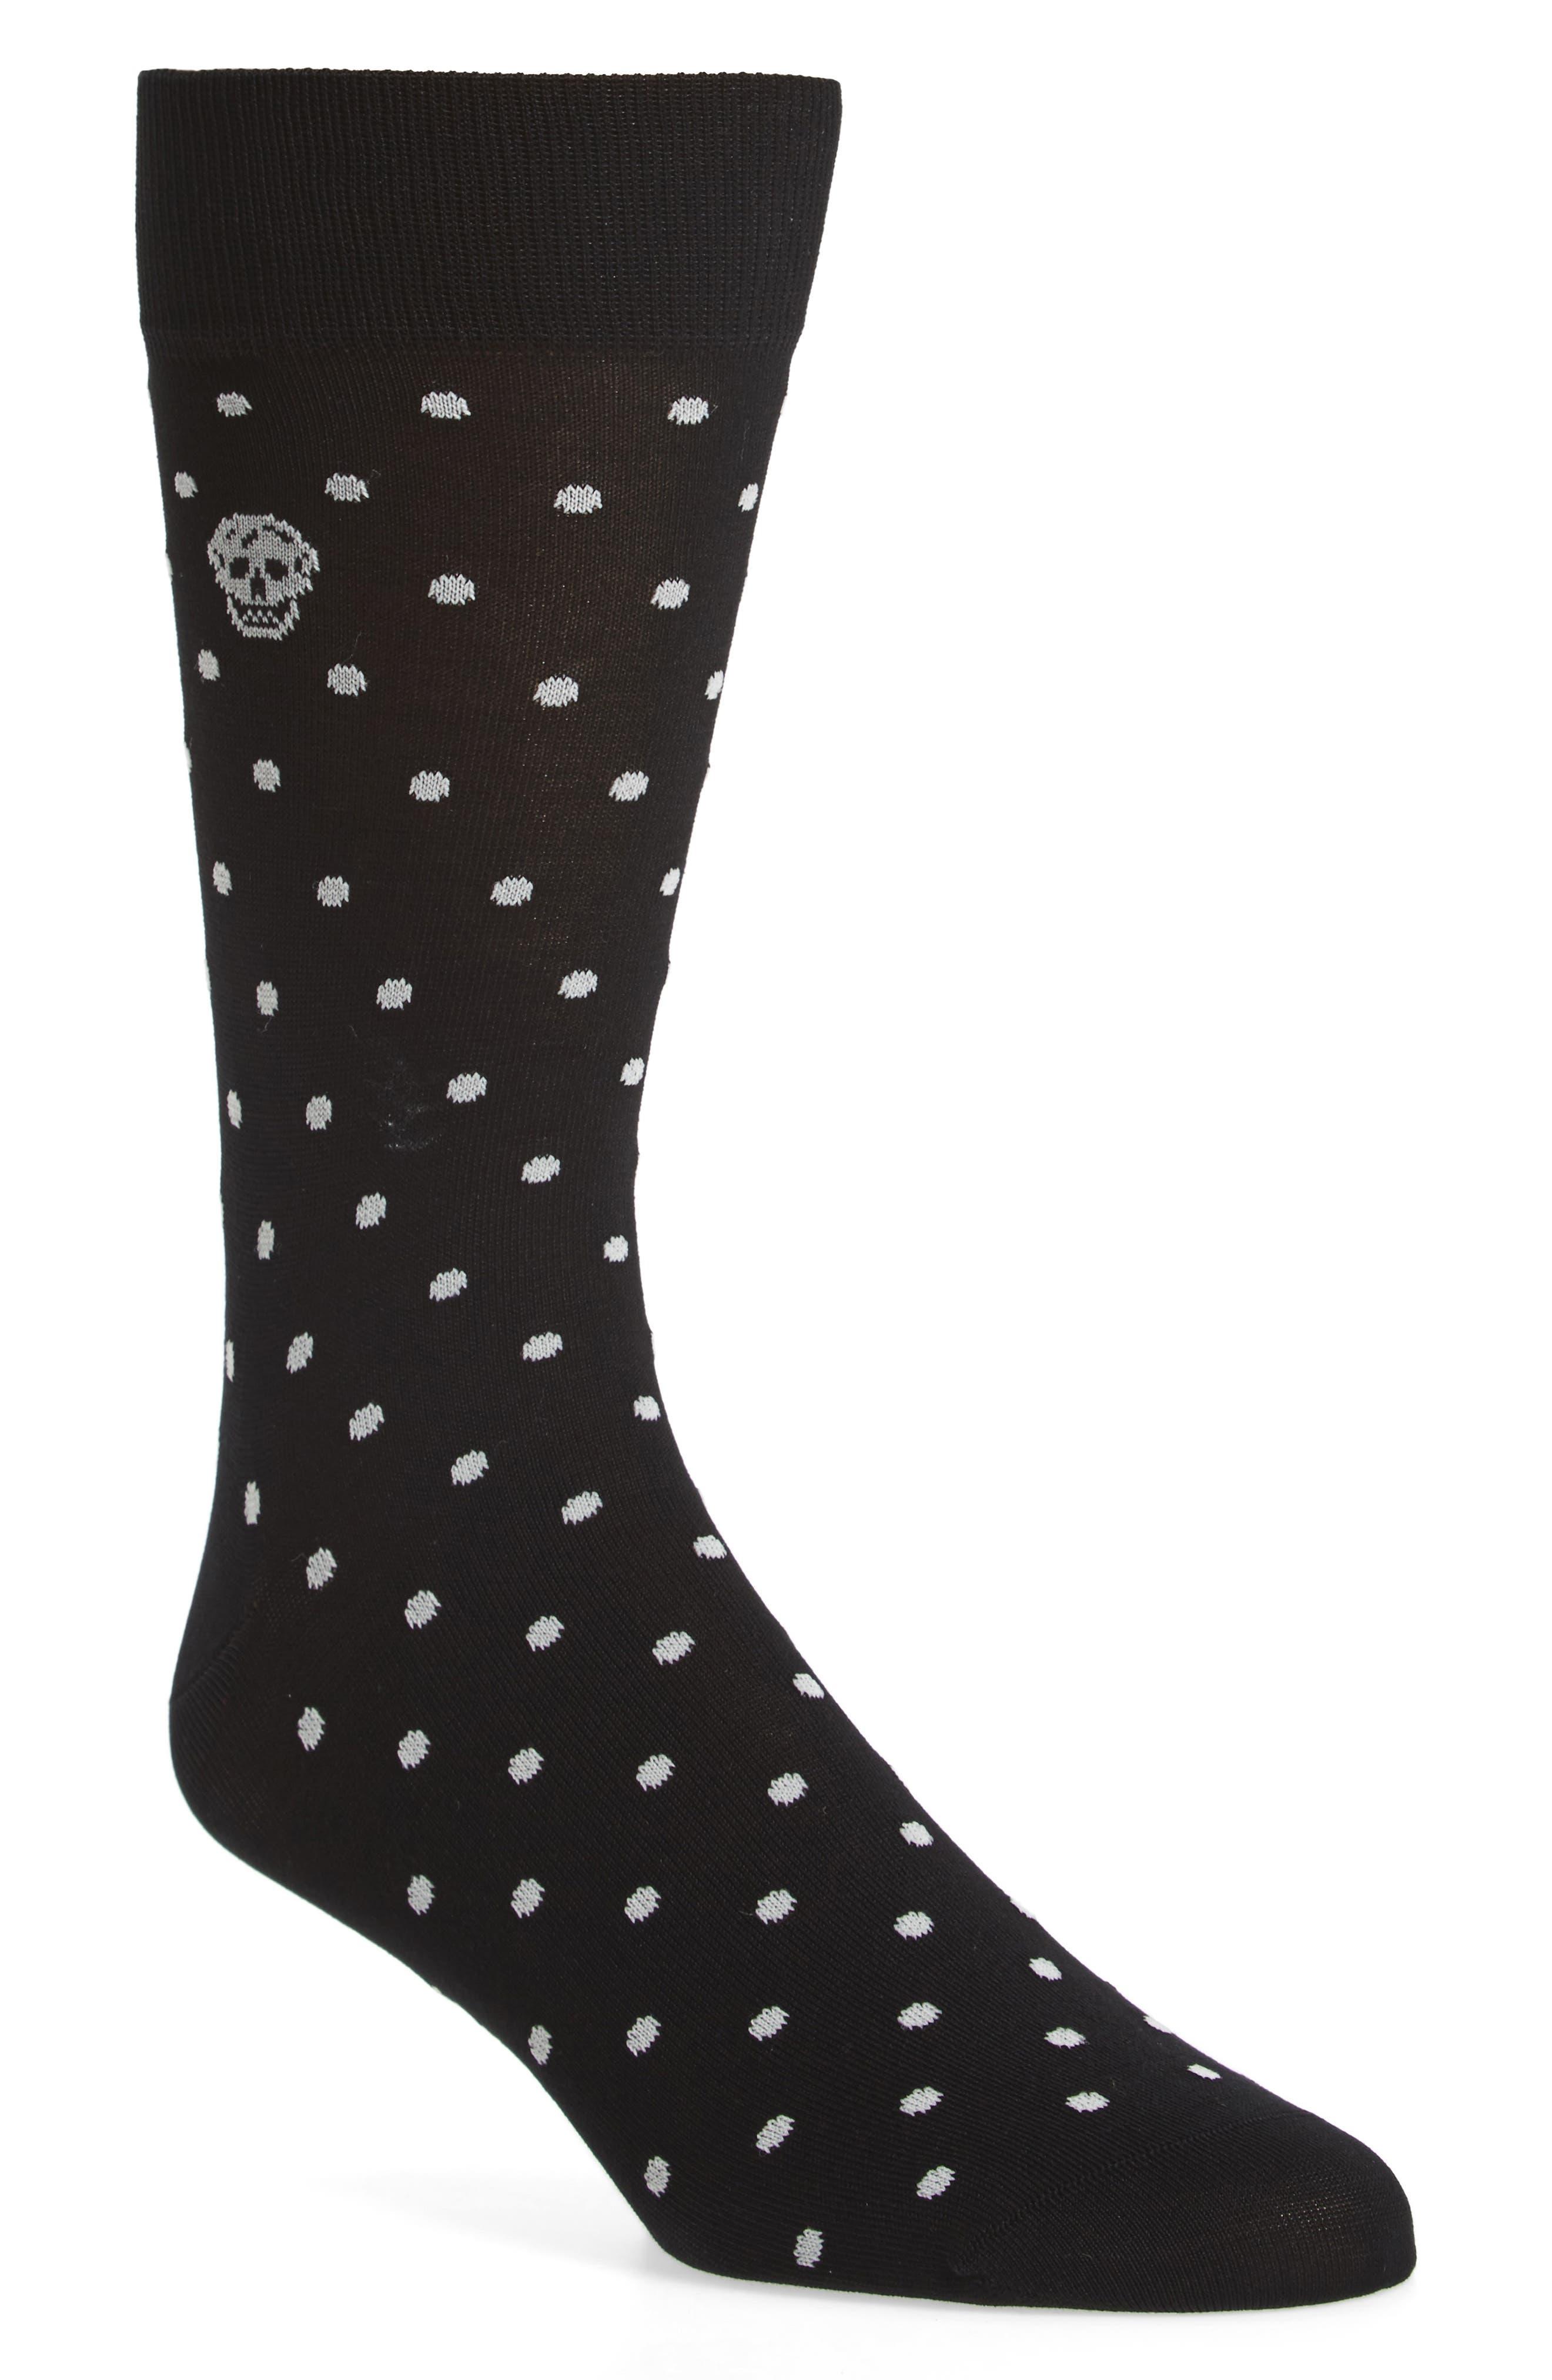 Alternate Image 1 Selected - Alexander McQueen Cotton Blend Polka Dot Socks